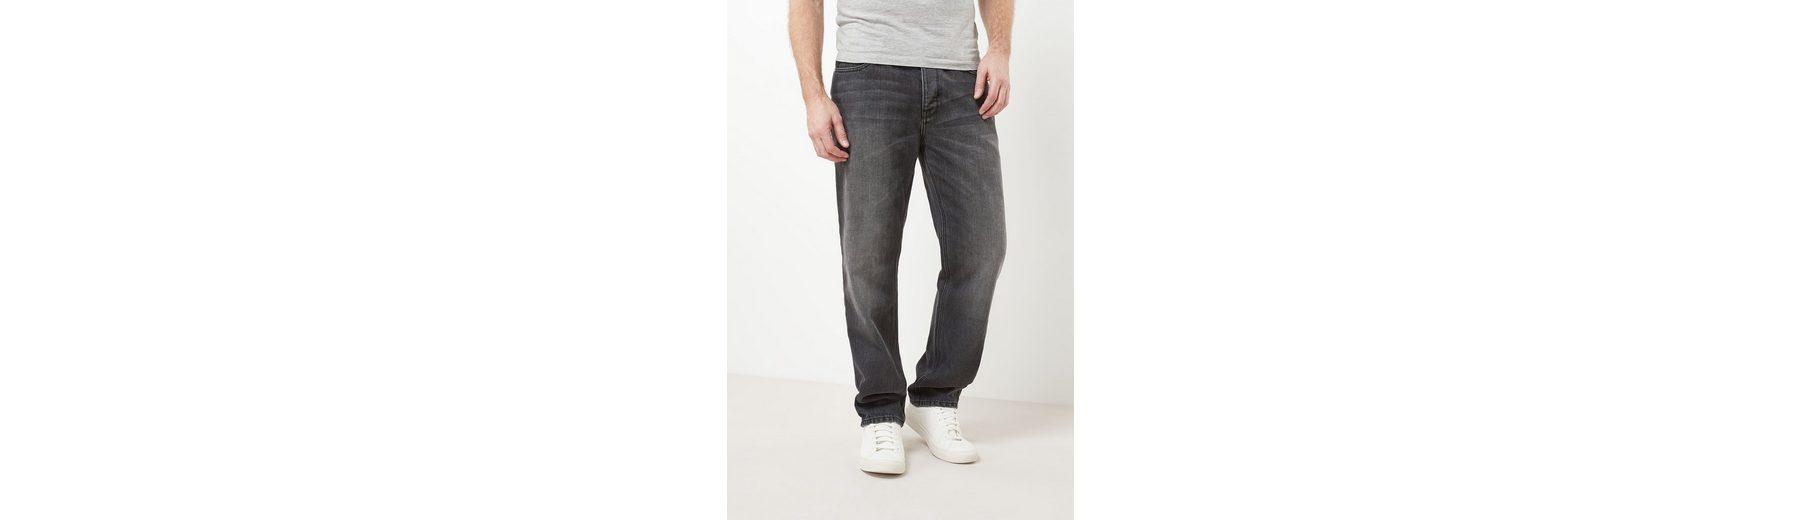 Next Jeans Countdown-Paket Günstig Online Verkauf Besuch nVqguVD